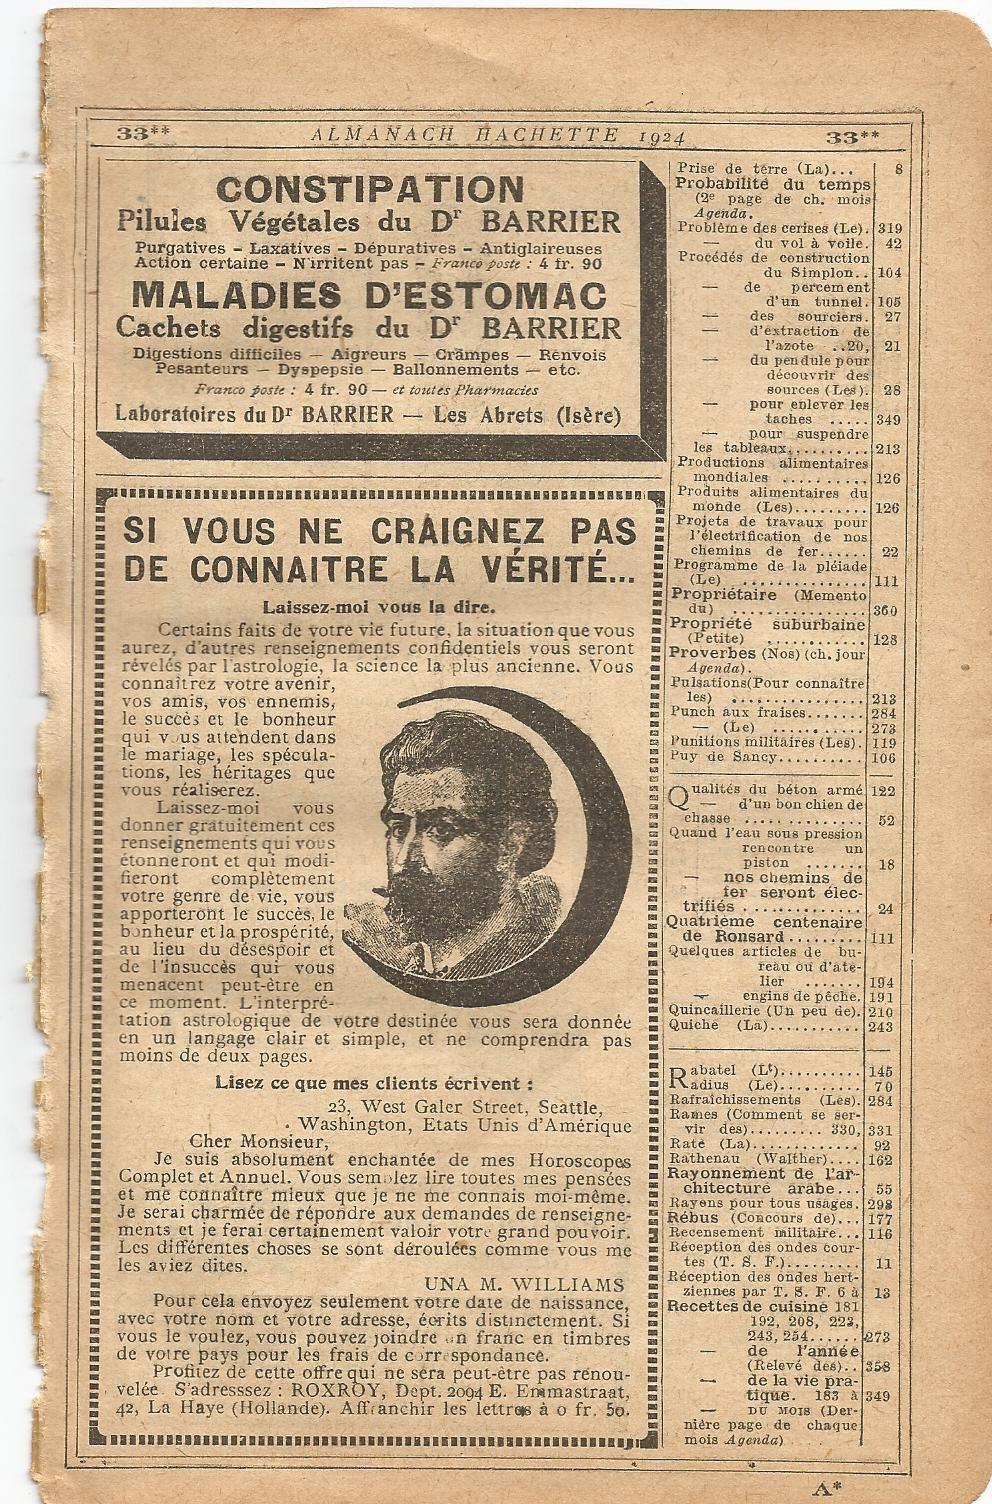 L'Almanach Hachette: à la découverte de la &quot&#x3B;Petite Encyclopédie Populaire de la Vie Pratique&quot&#x3B; de 1924 (4)